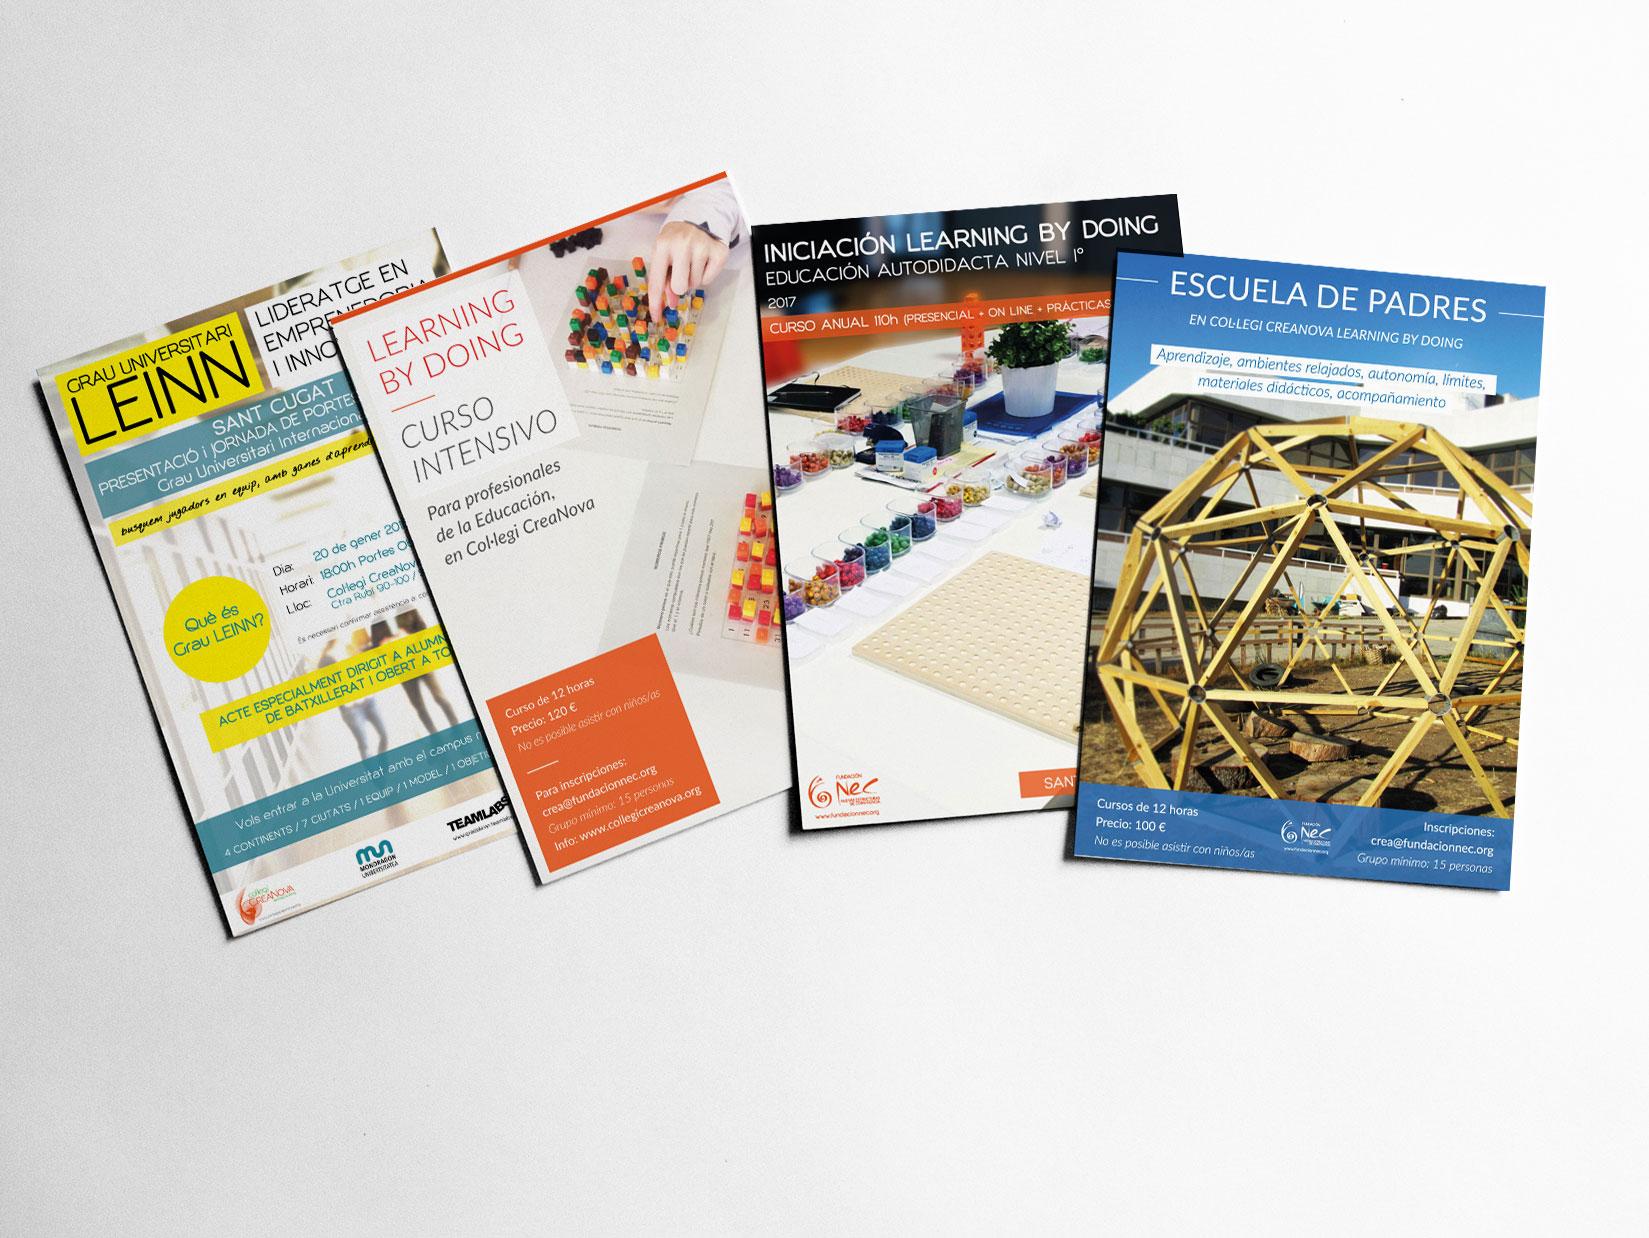 Diseño gráfico: diseño de carteles, tarjetas, folletos, lonas para los eventos del Col·legi CreaNova. Impresión: impresión de carteles, folletos, lonas en vinilo, tarjetas.